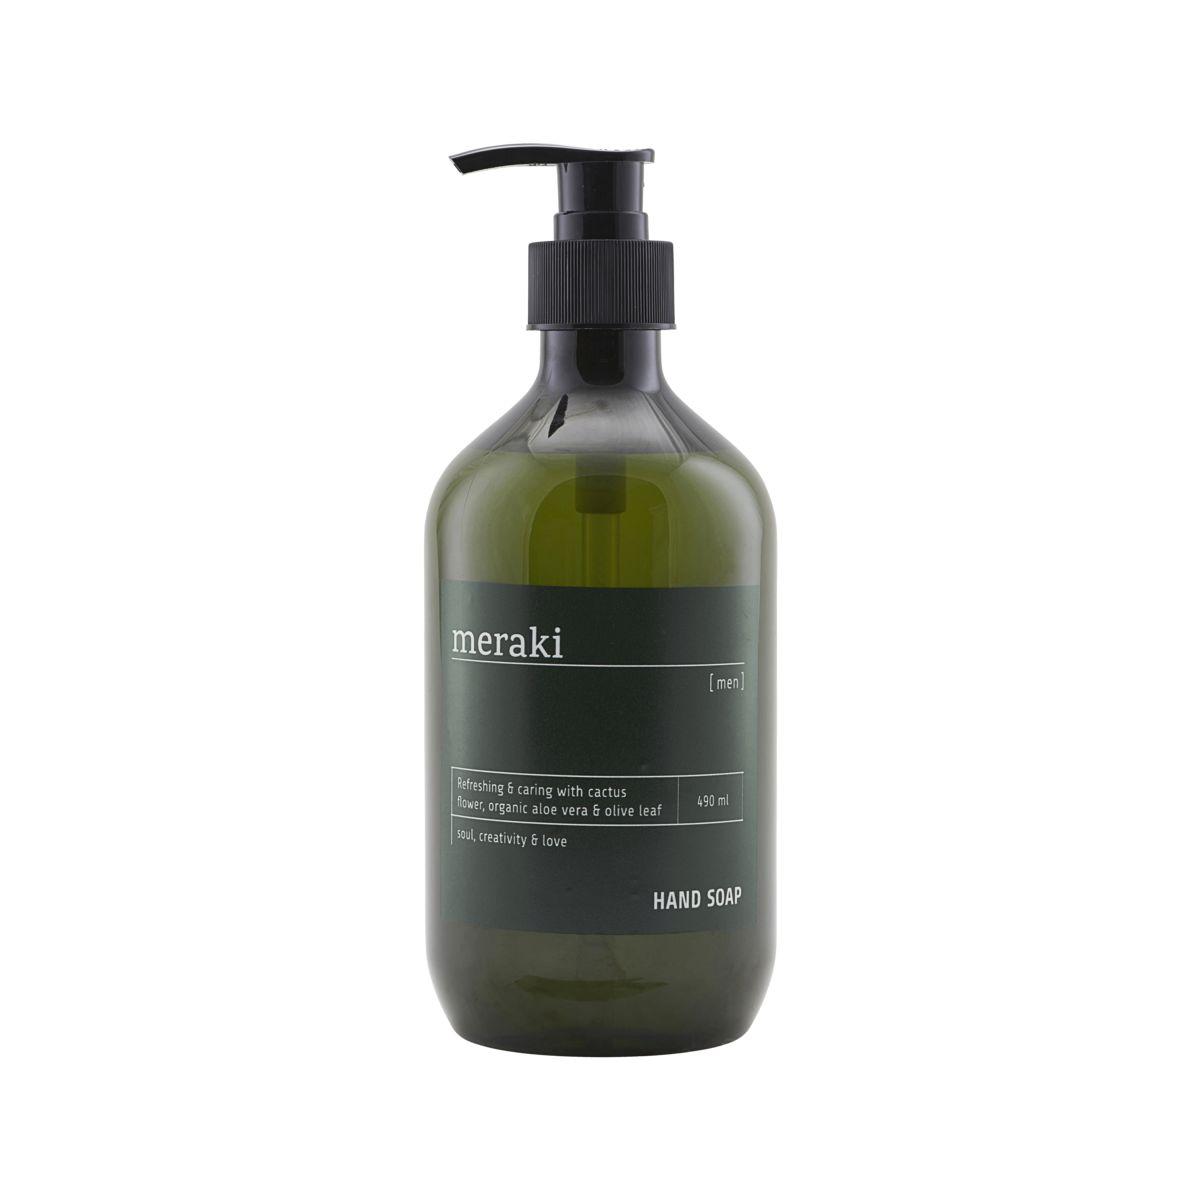 Meraki Men Hand Soap, 490 ml